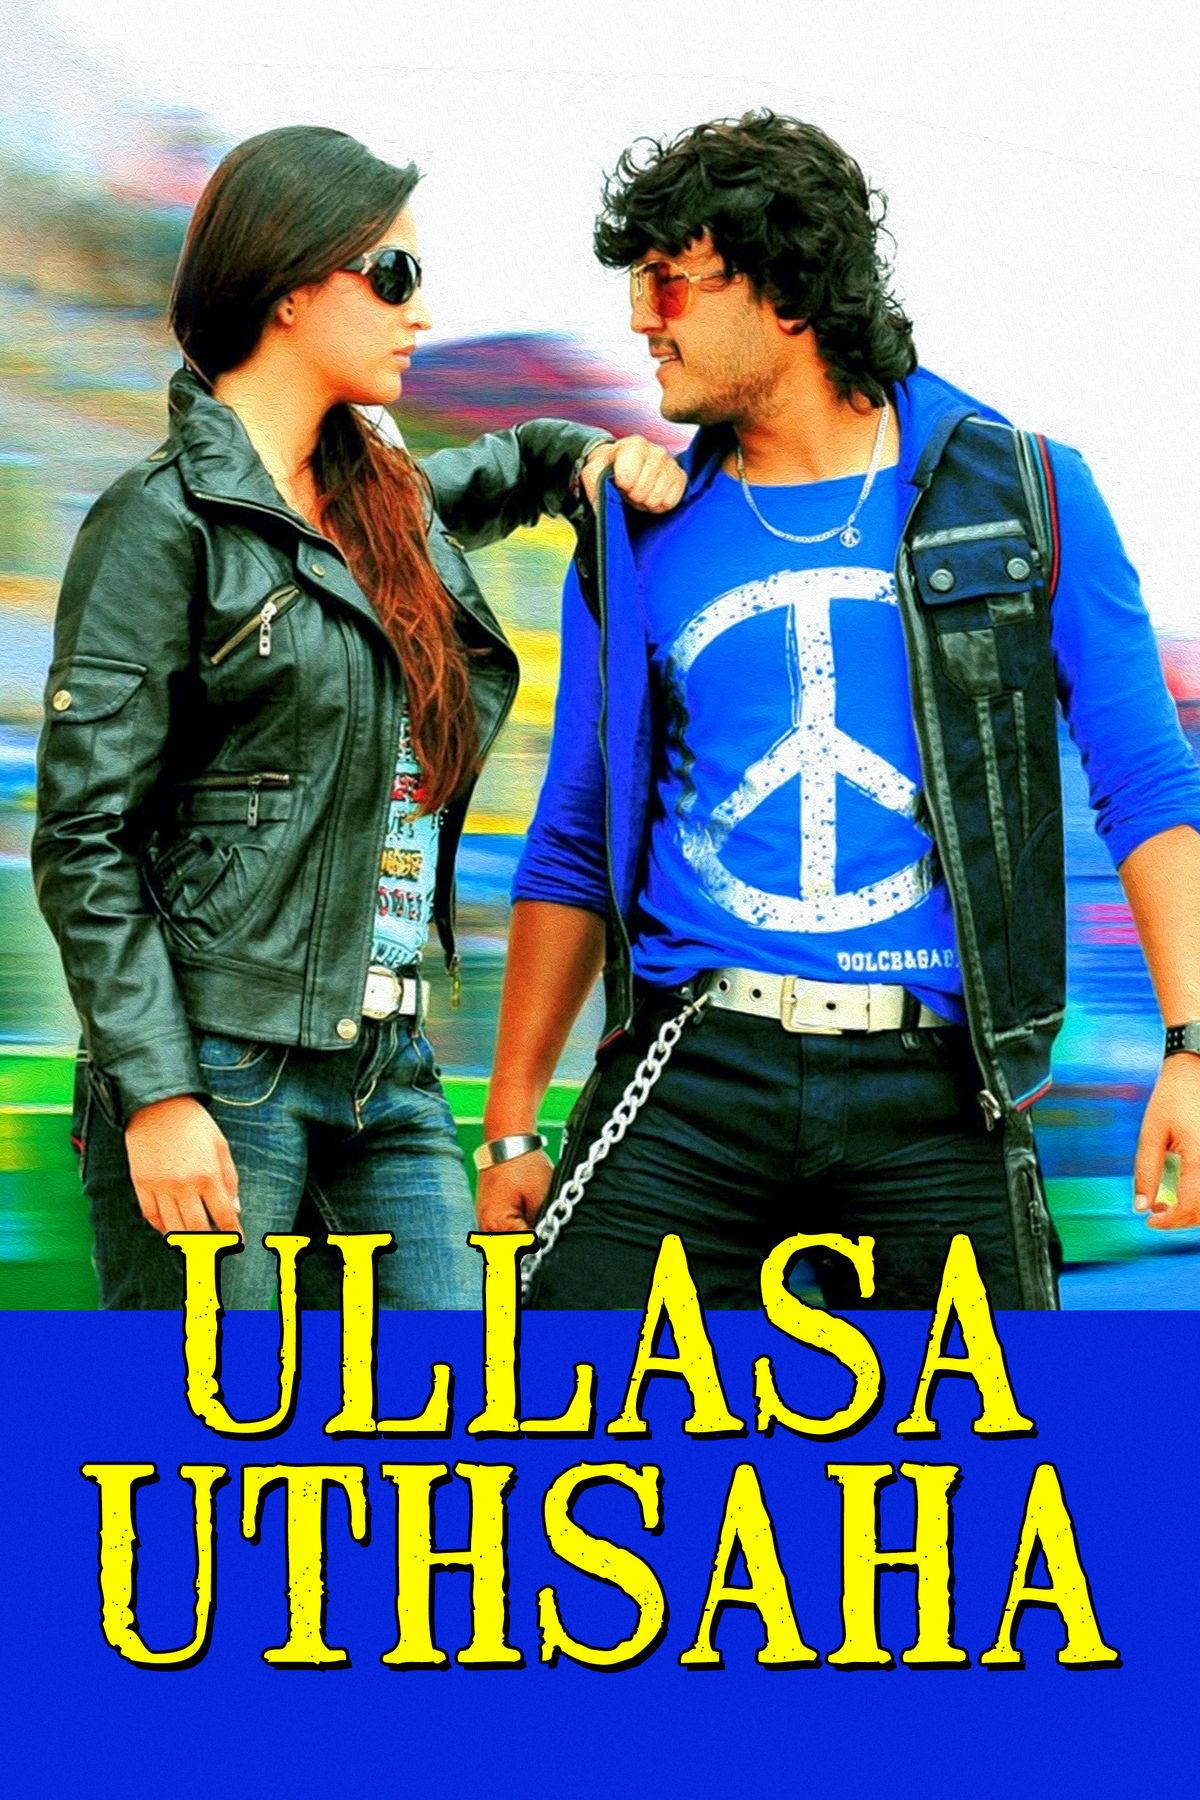 Ullasa Uthsaha